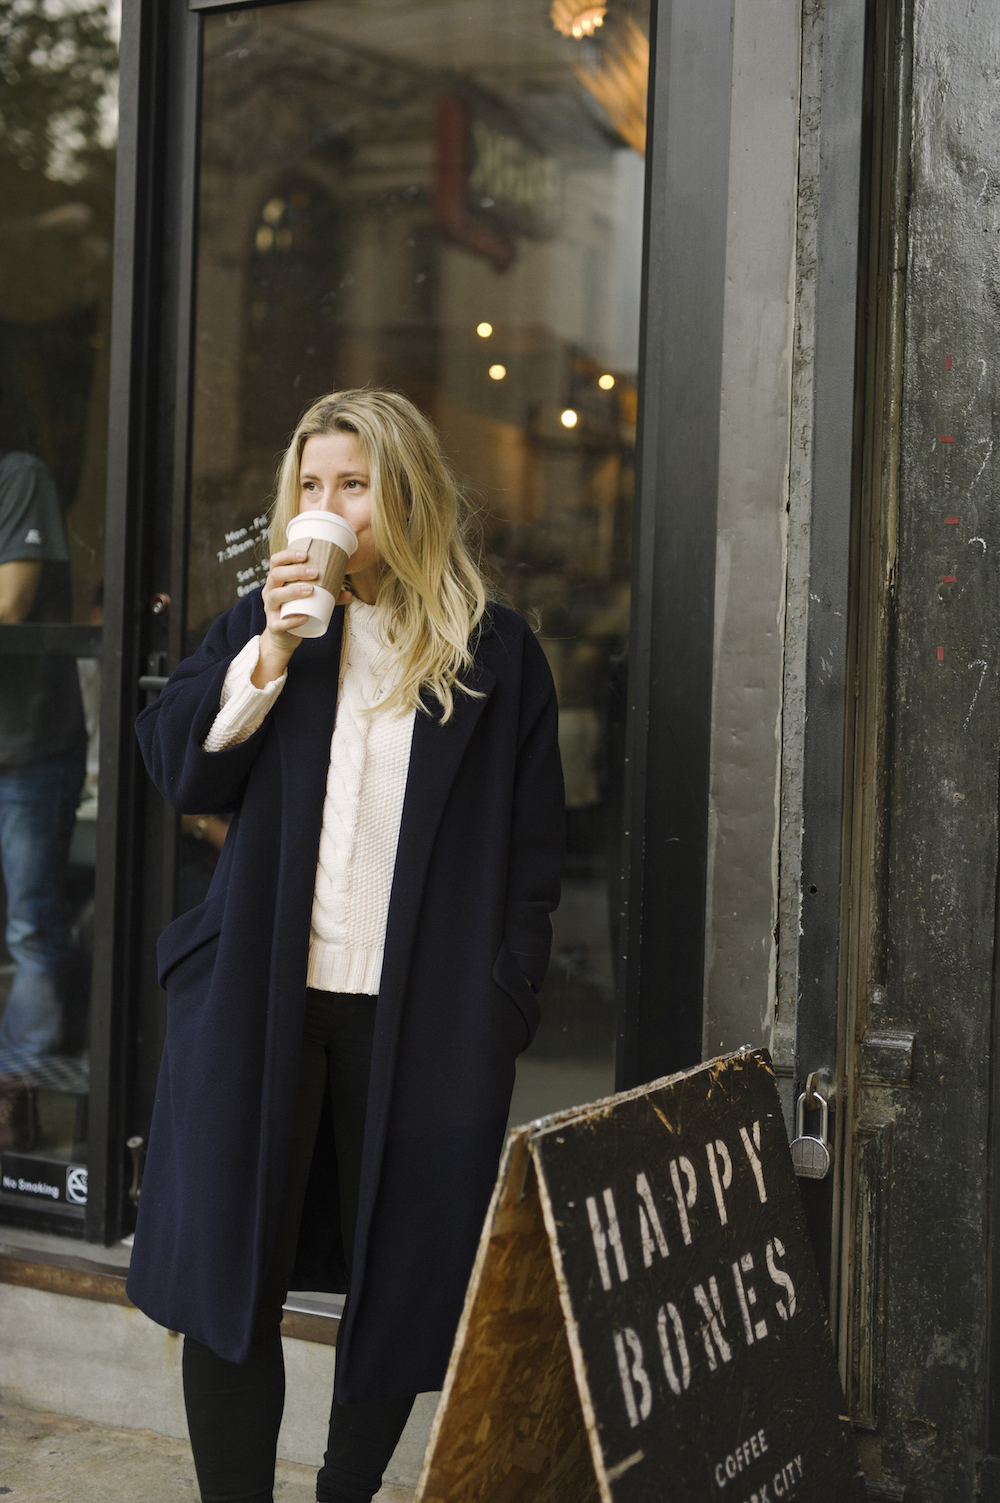 【レディースネイビーコート】ネイビーカラーのコートでお出かけ♡のサムネイル画像